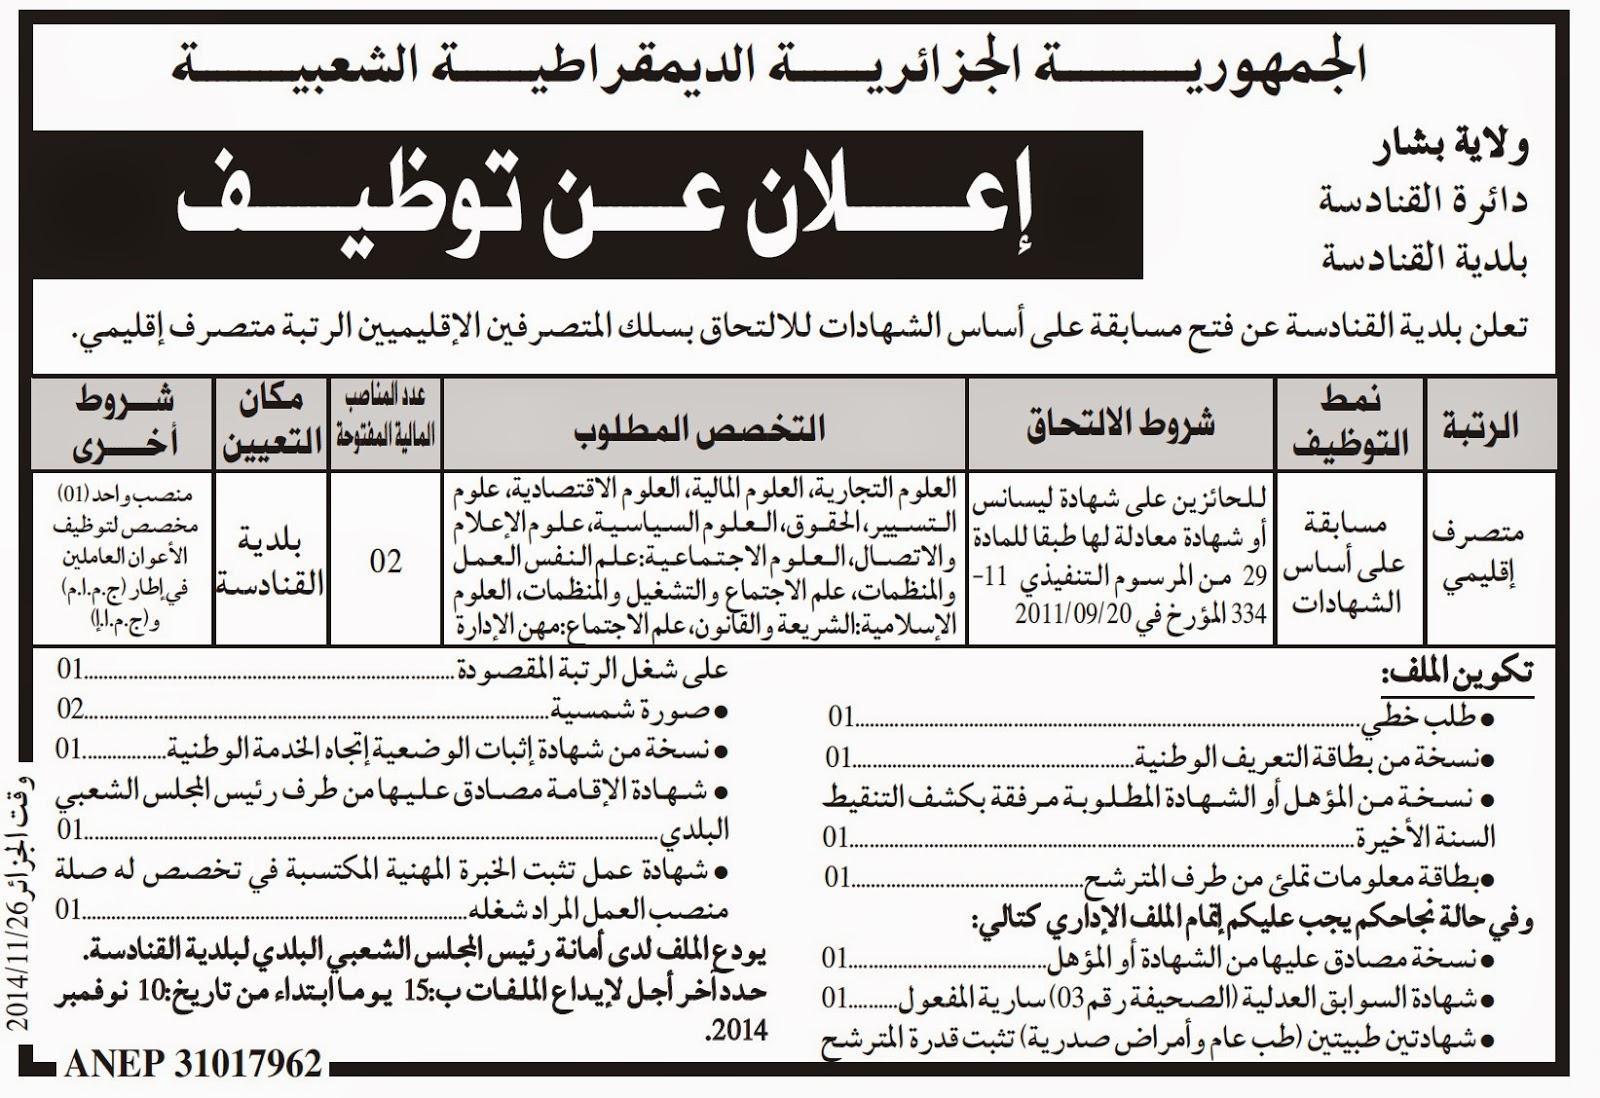 إعلان توظيف متصرف اقليمي ببلدية القنادسة